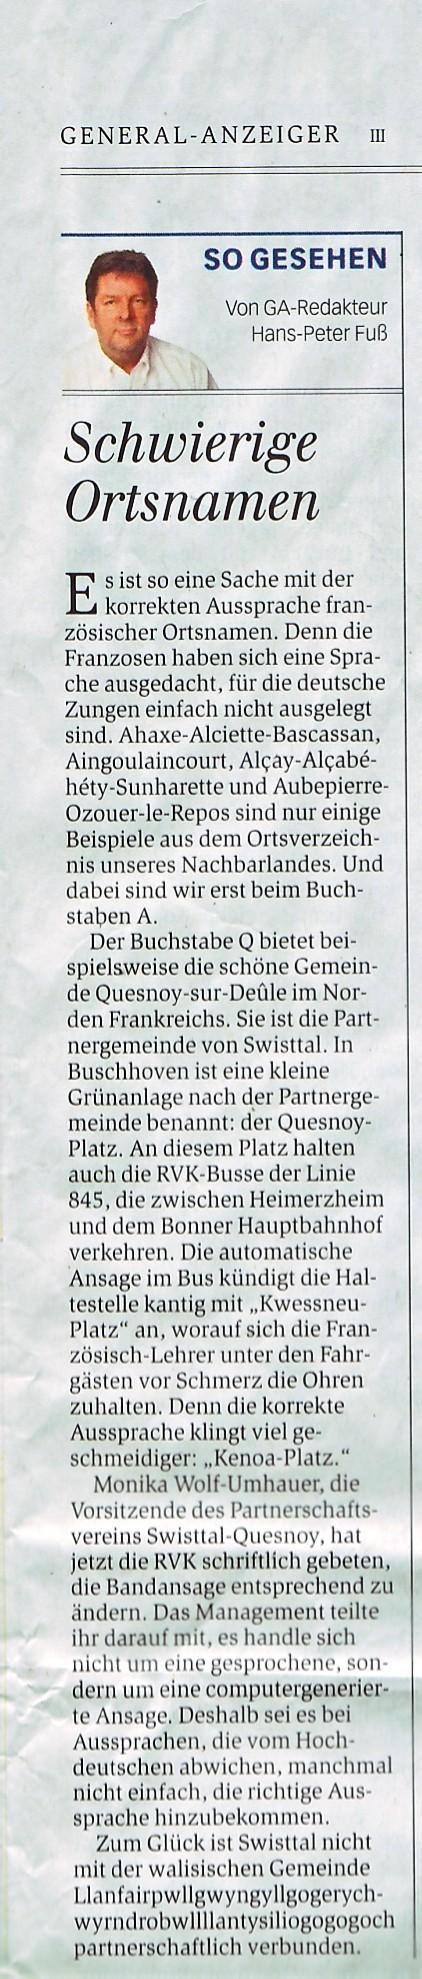 Quelle: Genera Anzeiger Bonn vom 07.12.2016